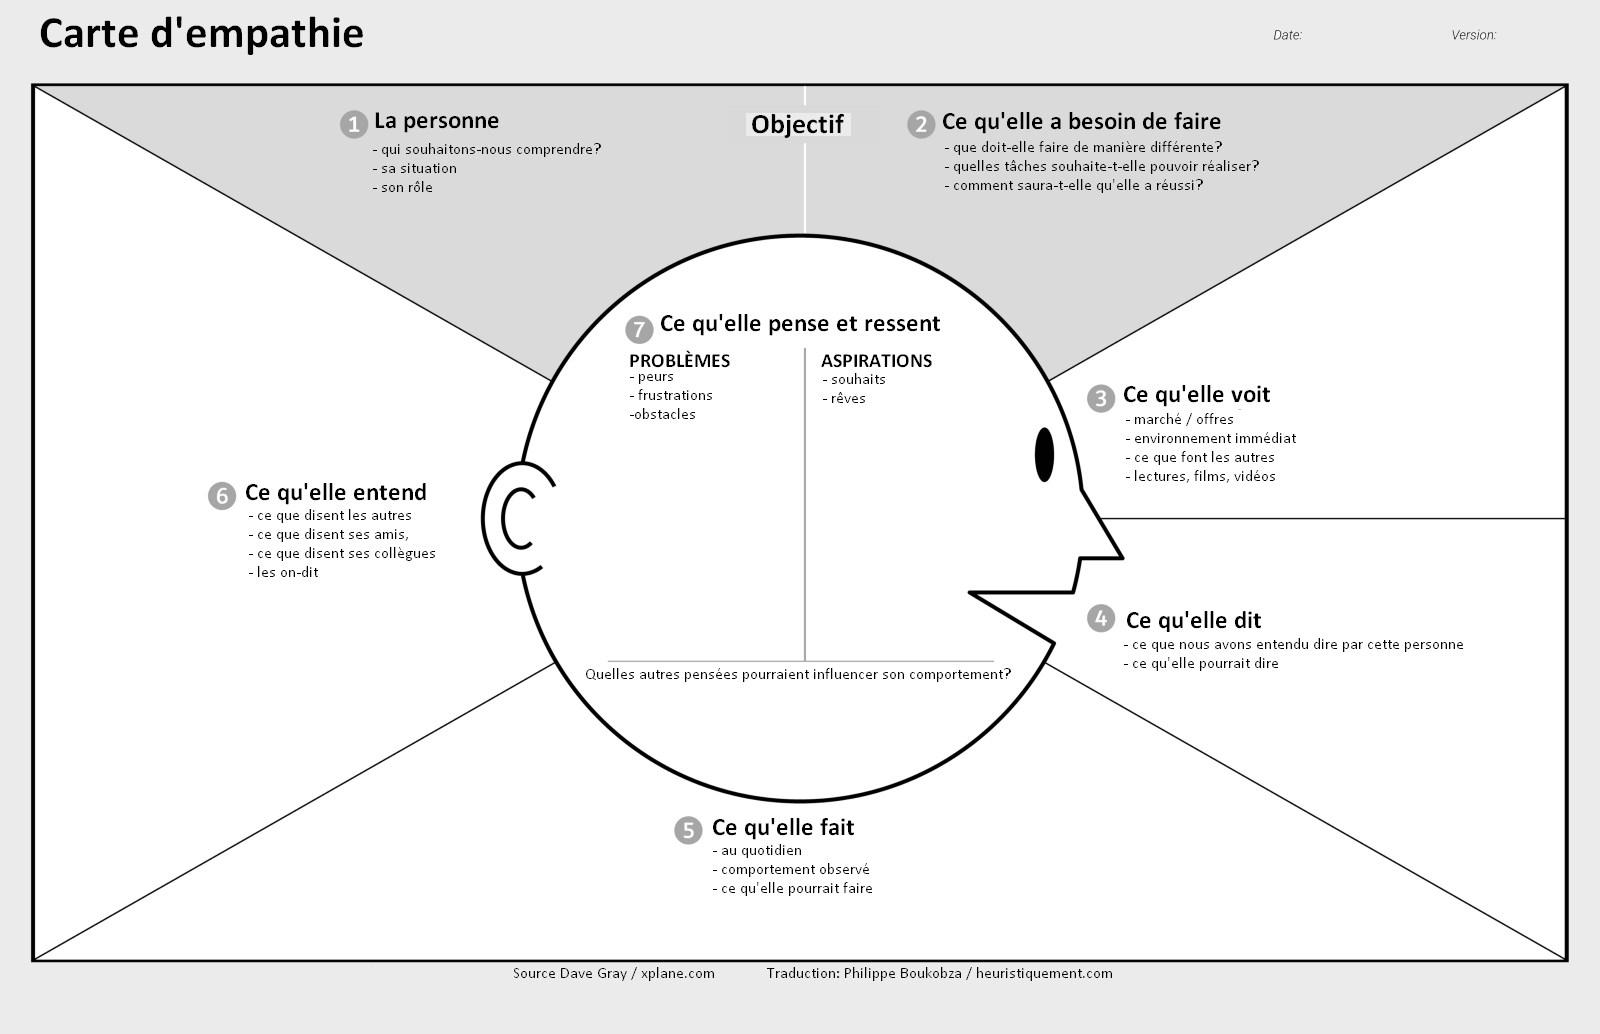 Carte d'empathie nouvelle version